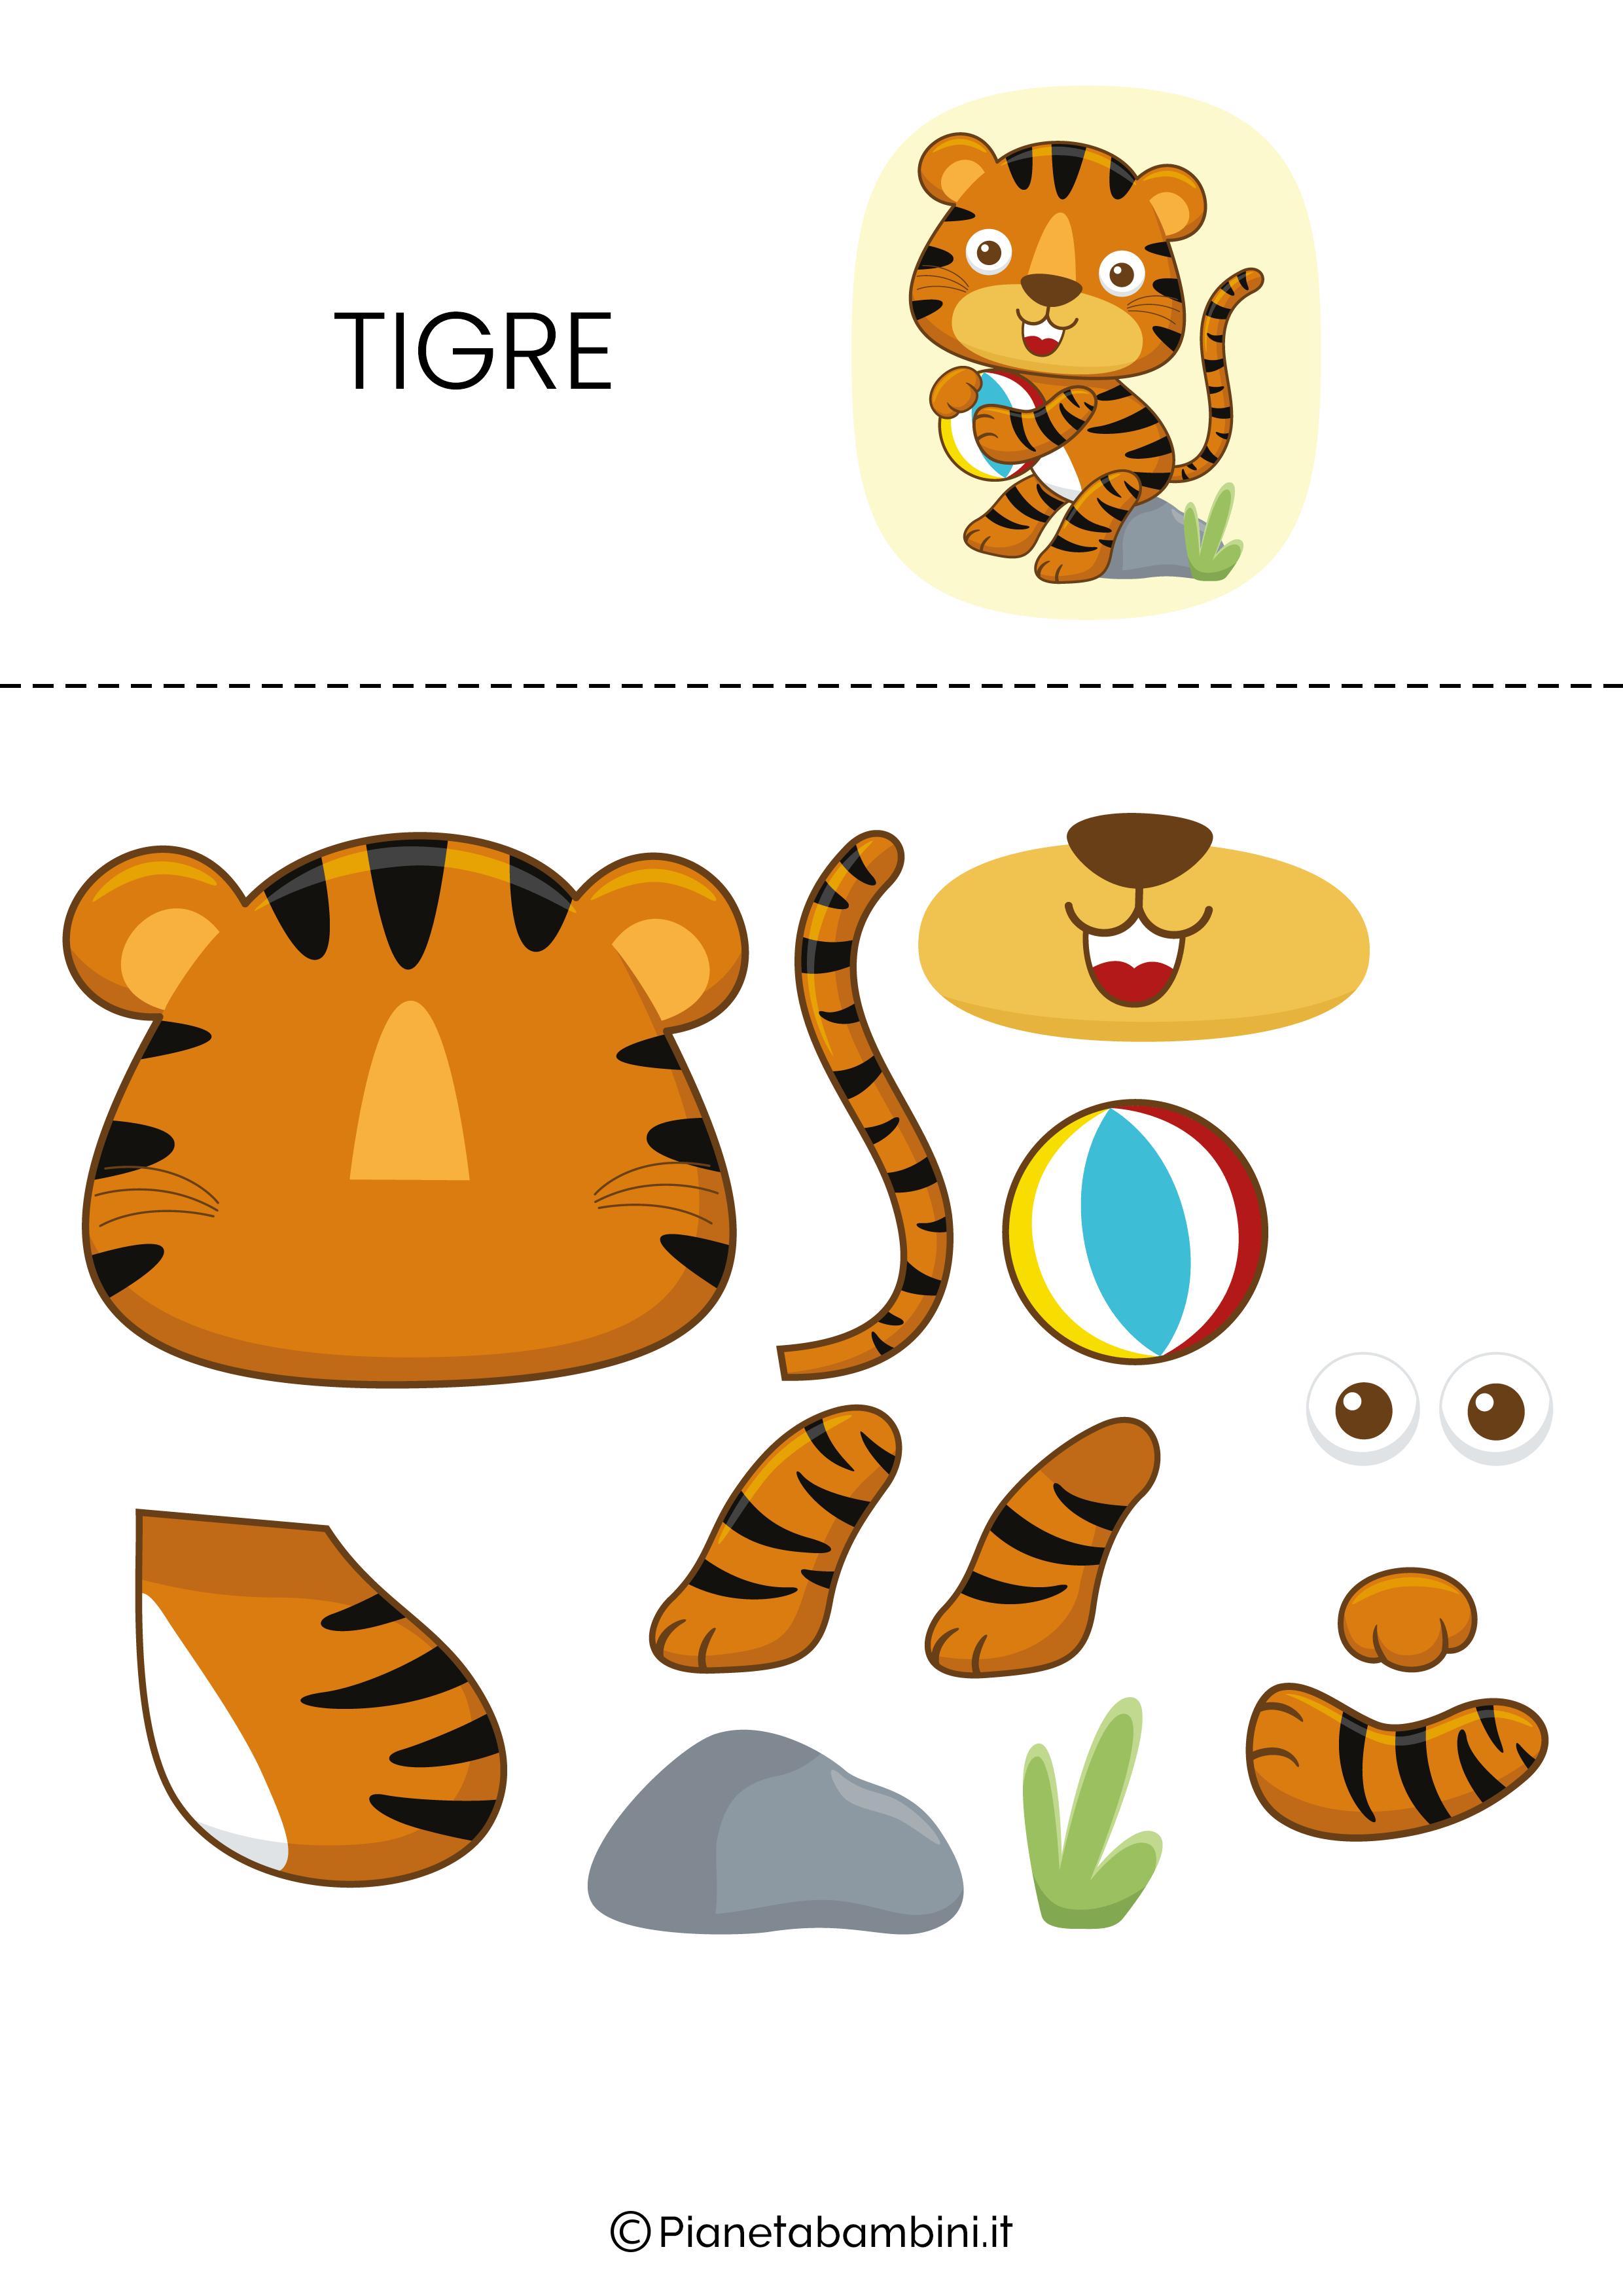 Puzzle da ritagliare e ricomporre sulla tigre